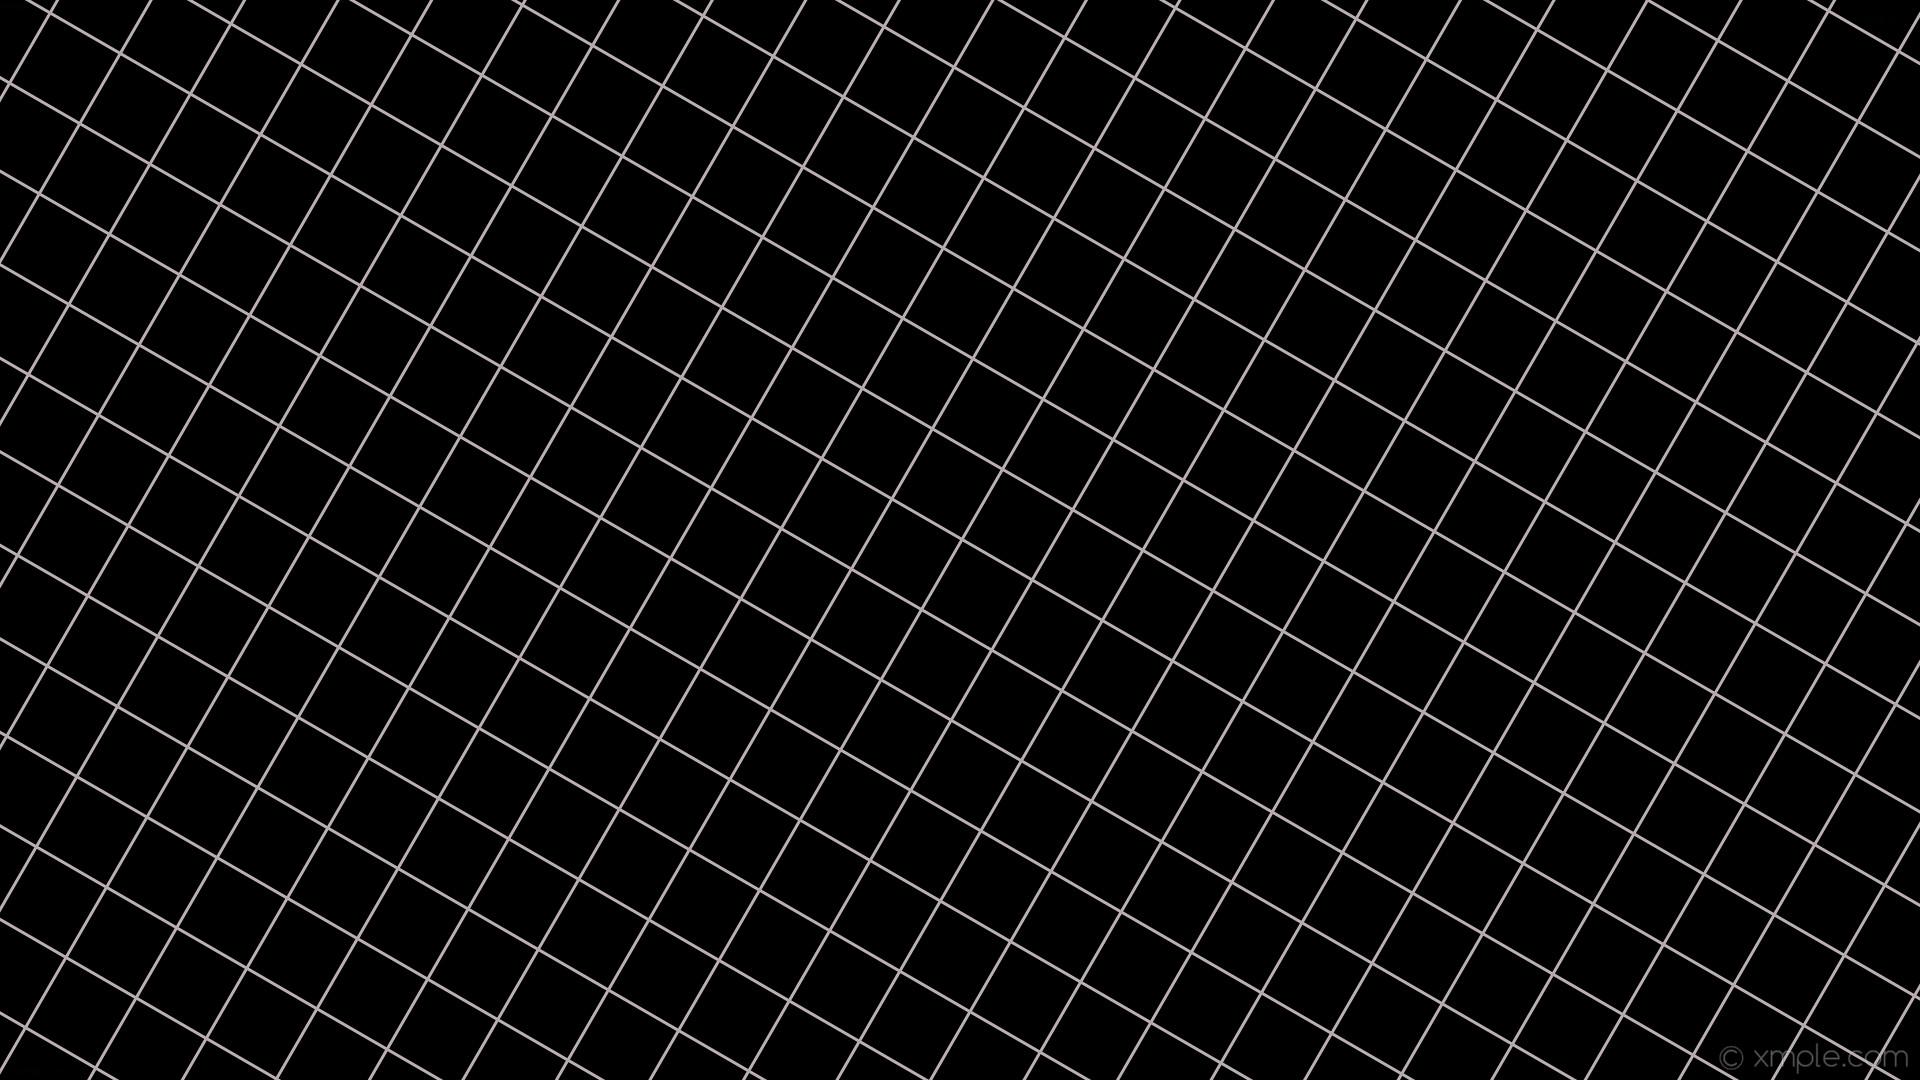 wallpaper graph paper black white grid lavender blush #000000 #fff0f5 60°  3px 81px